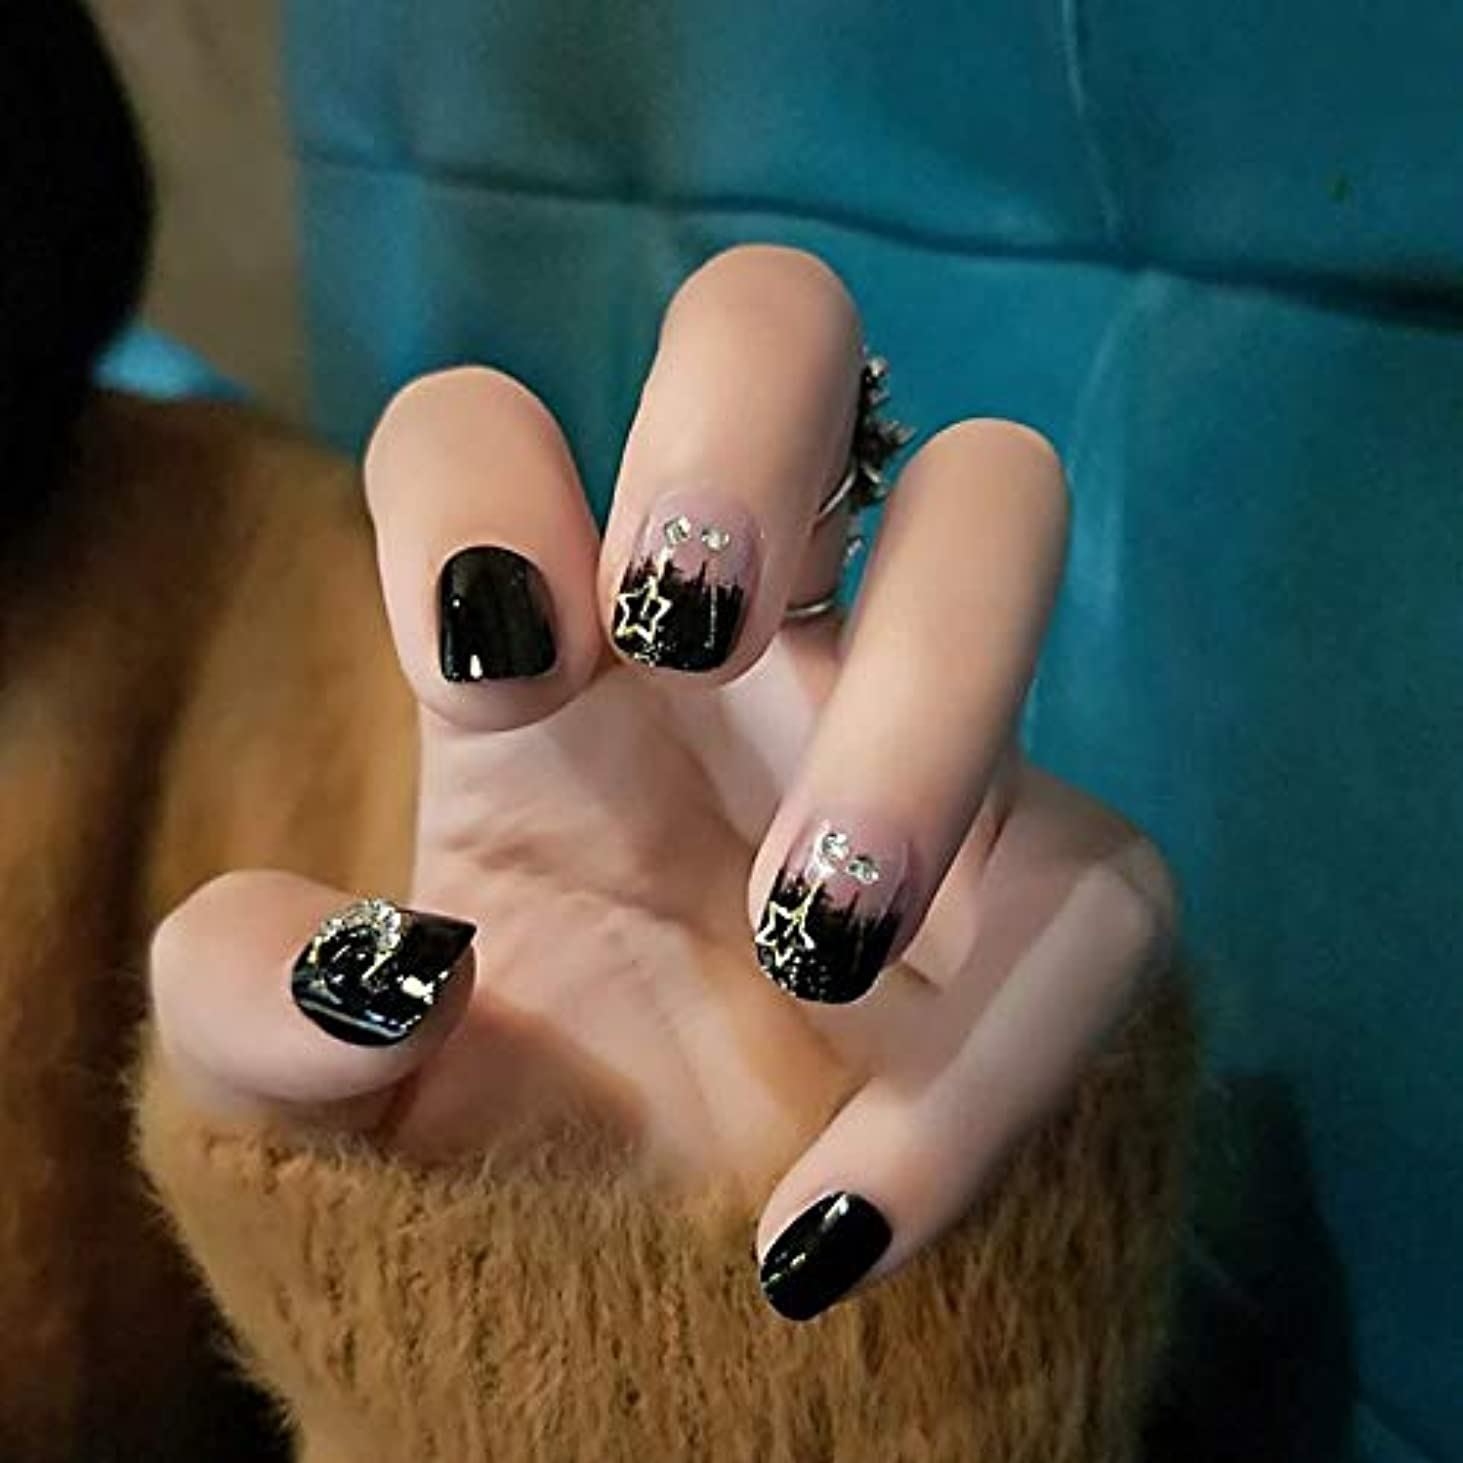 ごみ杭連続したXUANHU NAIL PATCH ネイルチップ つけ爪 付け爪 つけ方簡単 ネイル デコネイルコレクション シール ハロウィン 母の日 パーティ 人気 毎日変身 24枚セット